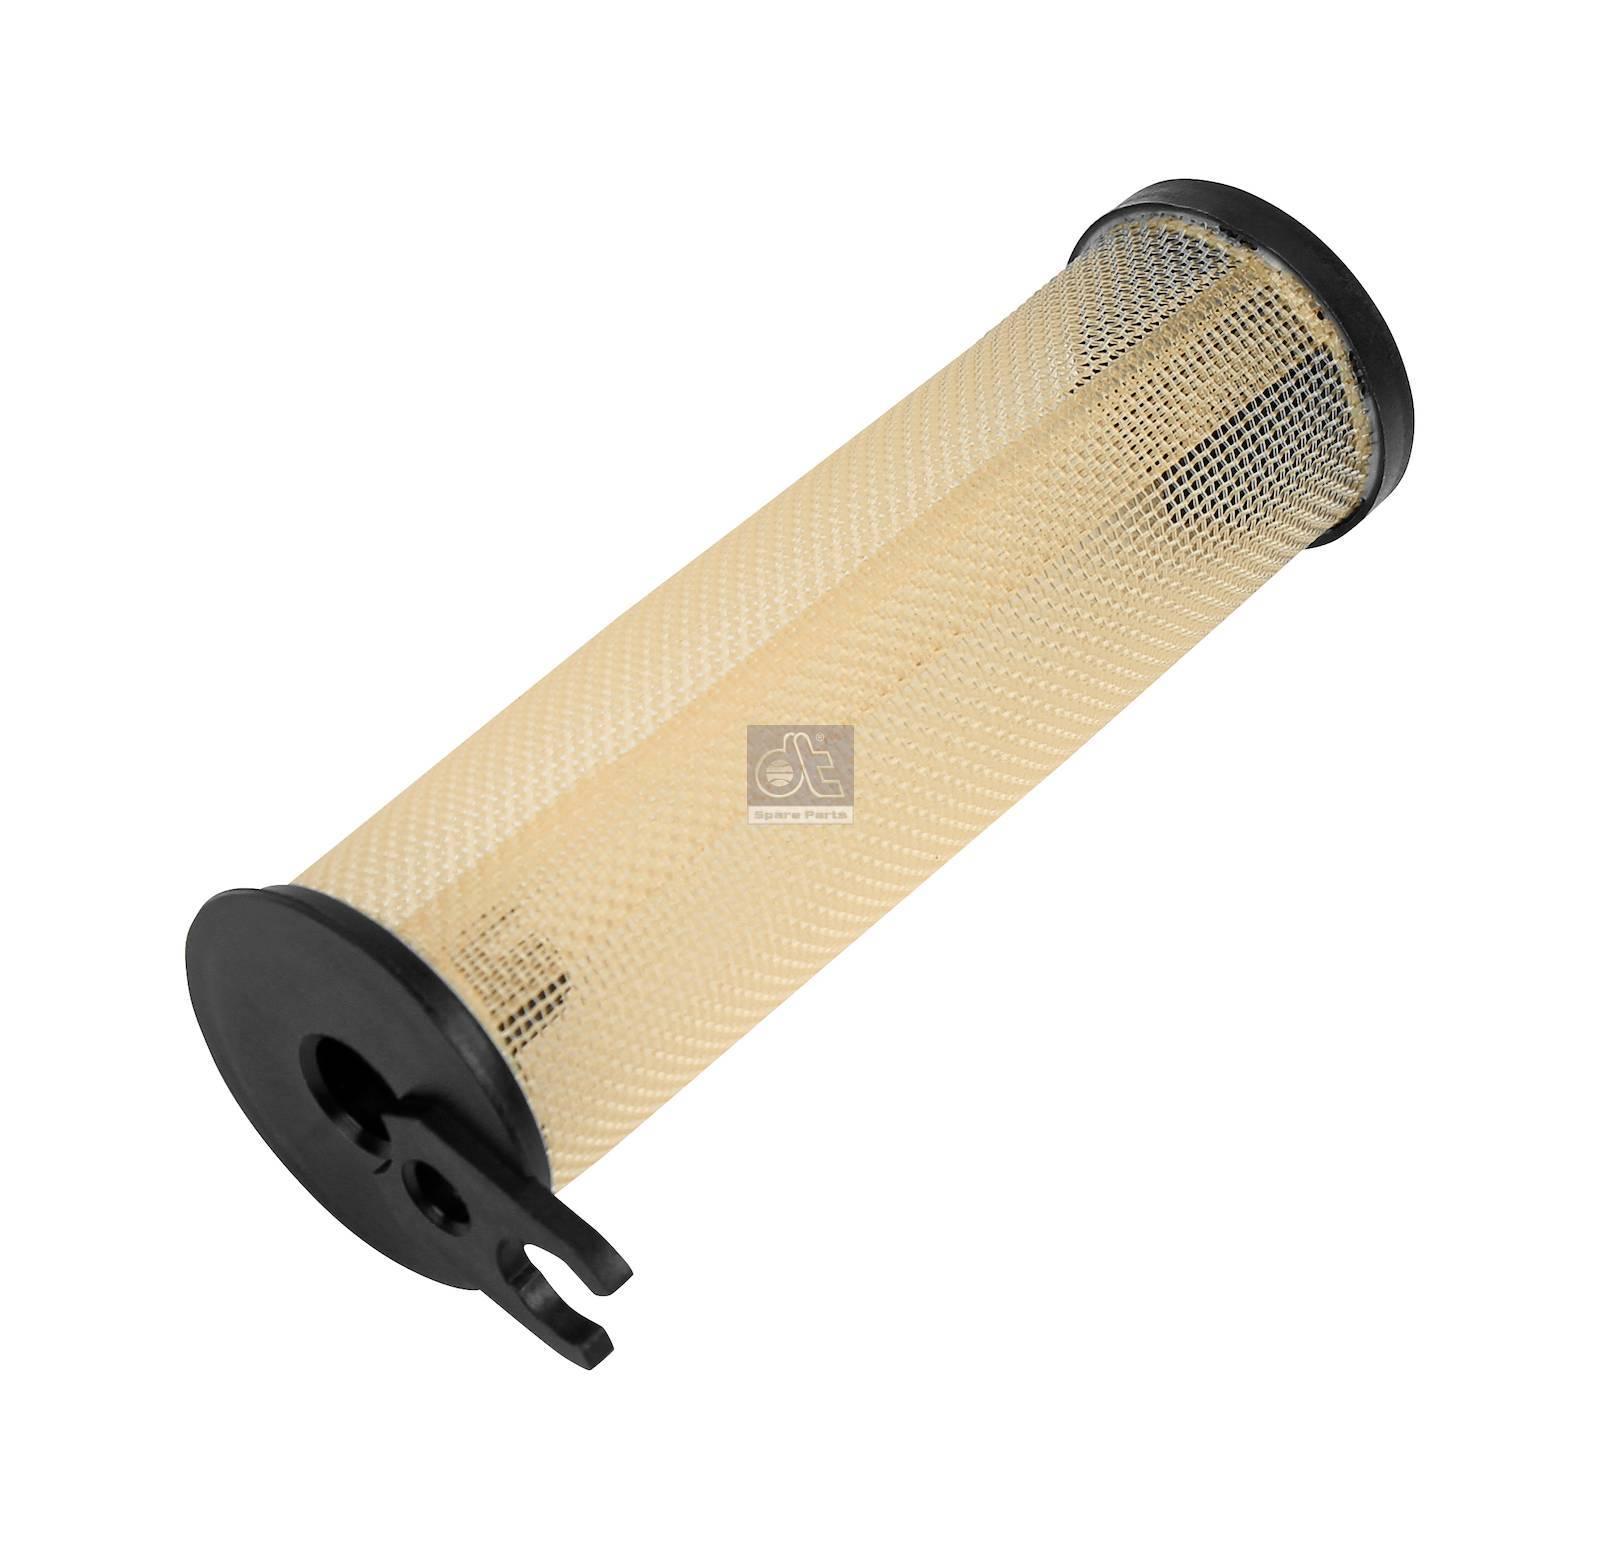 Fuel filter, fuel level sensor